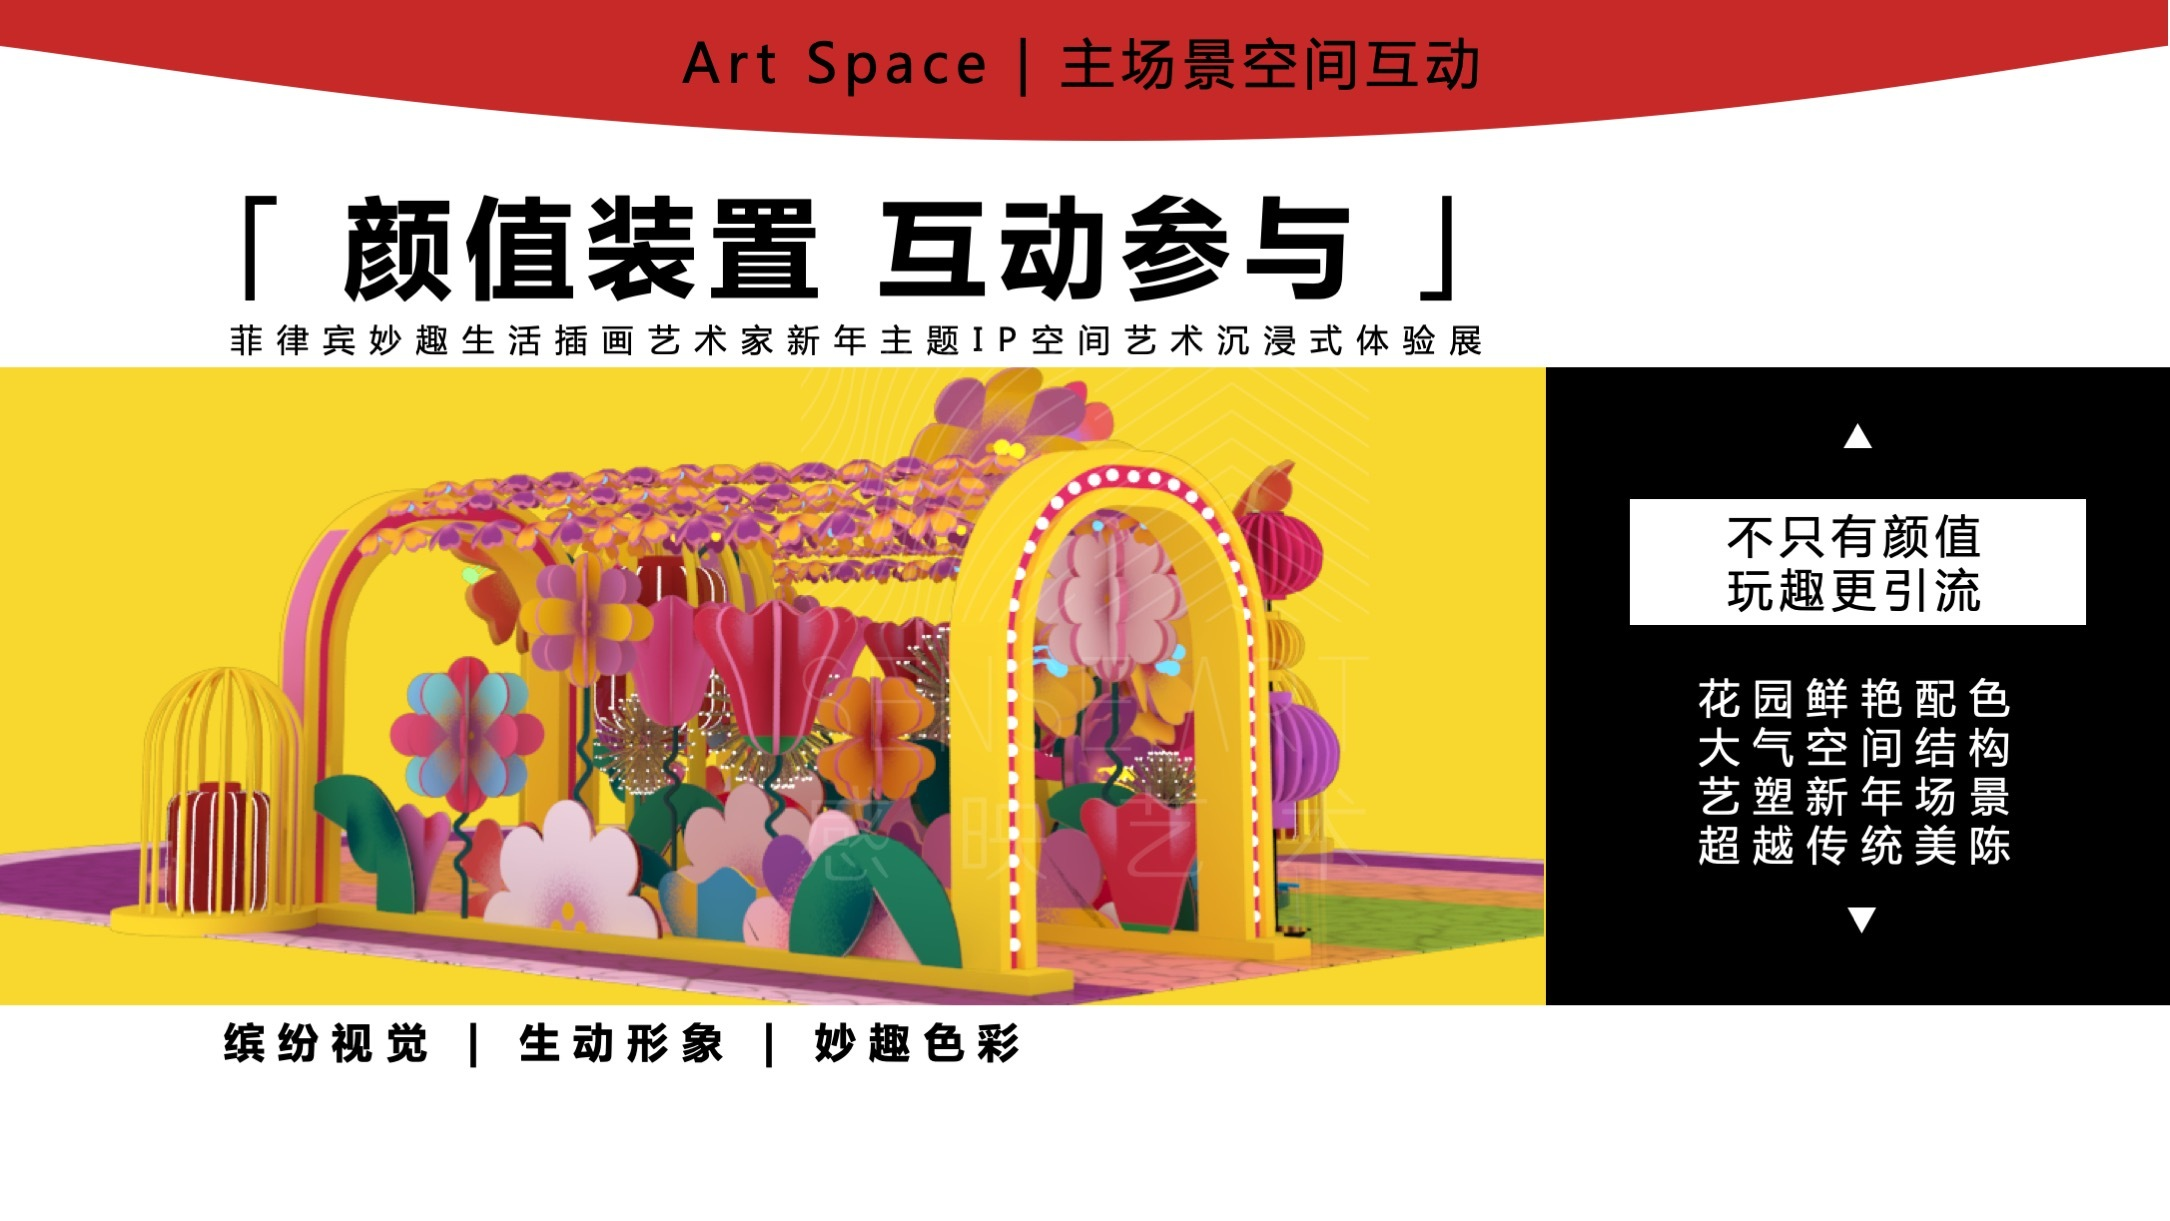 【新年好彩花园】菲律宾艺术家空间艺术沉浸式体验展-感映艺术